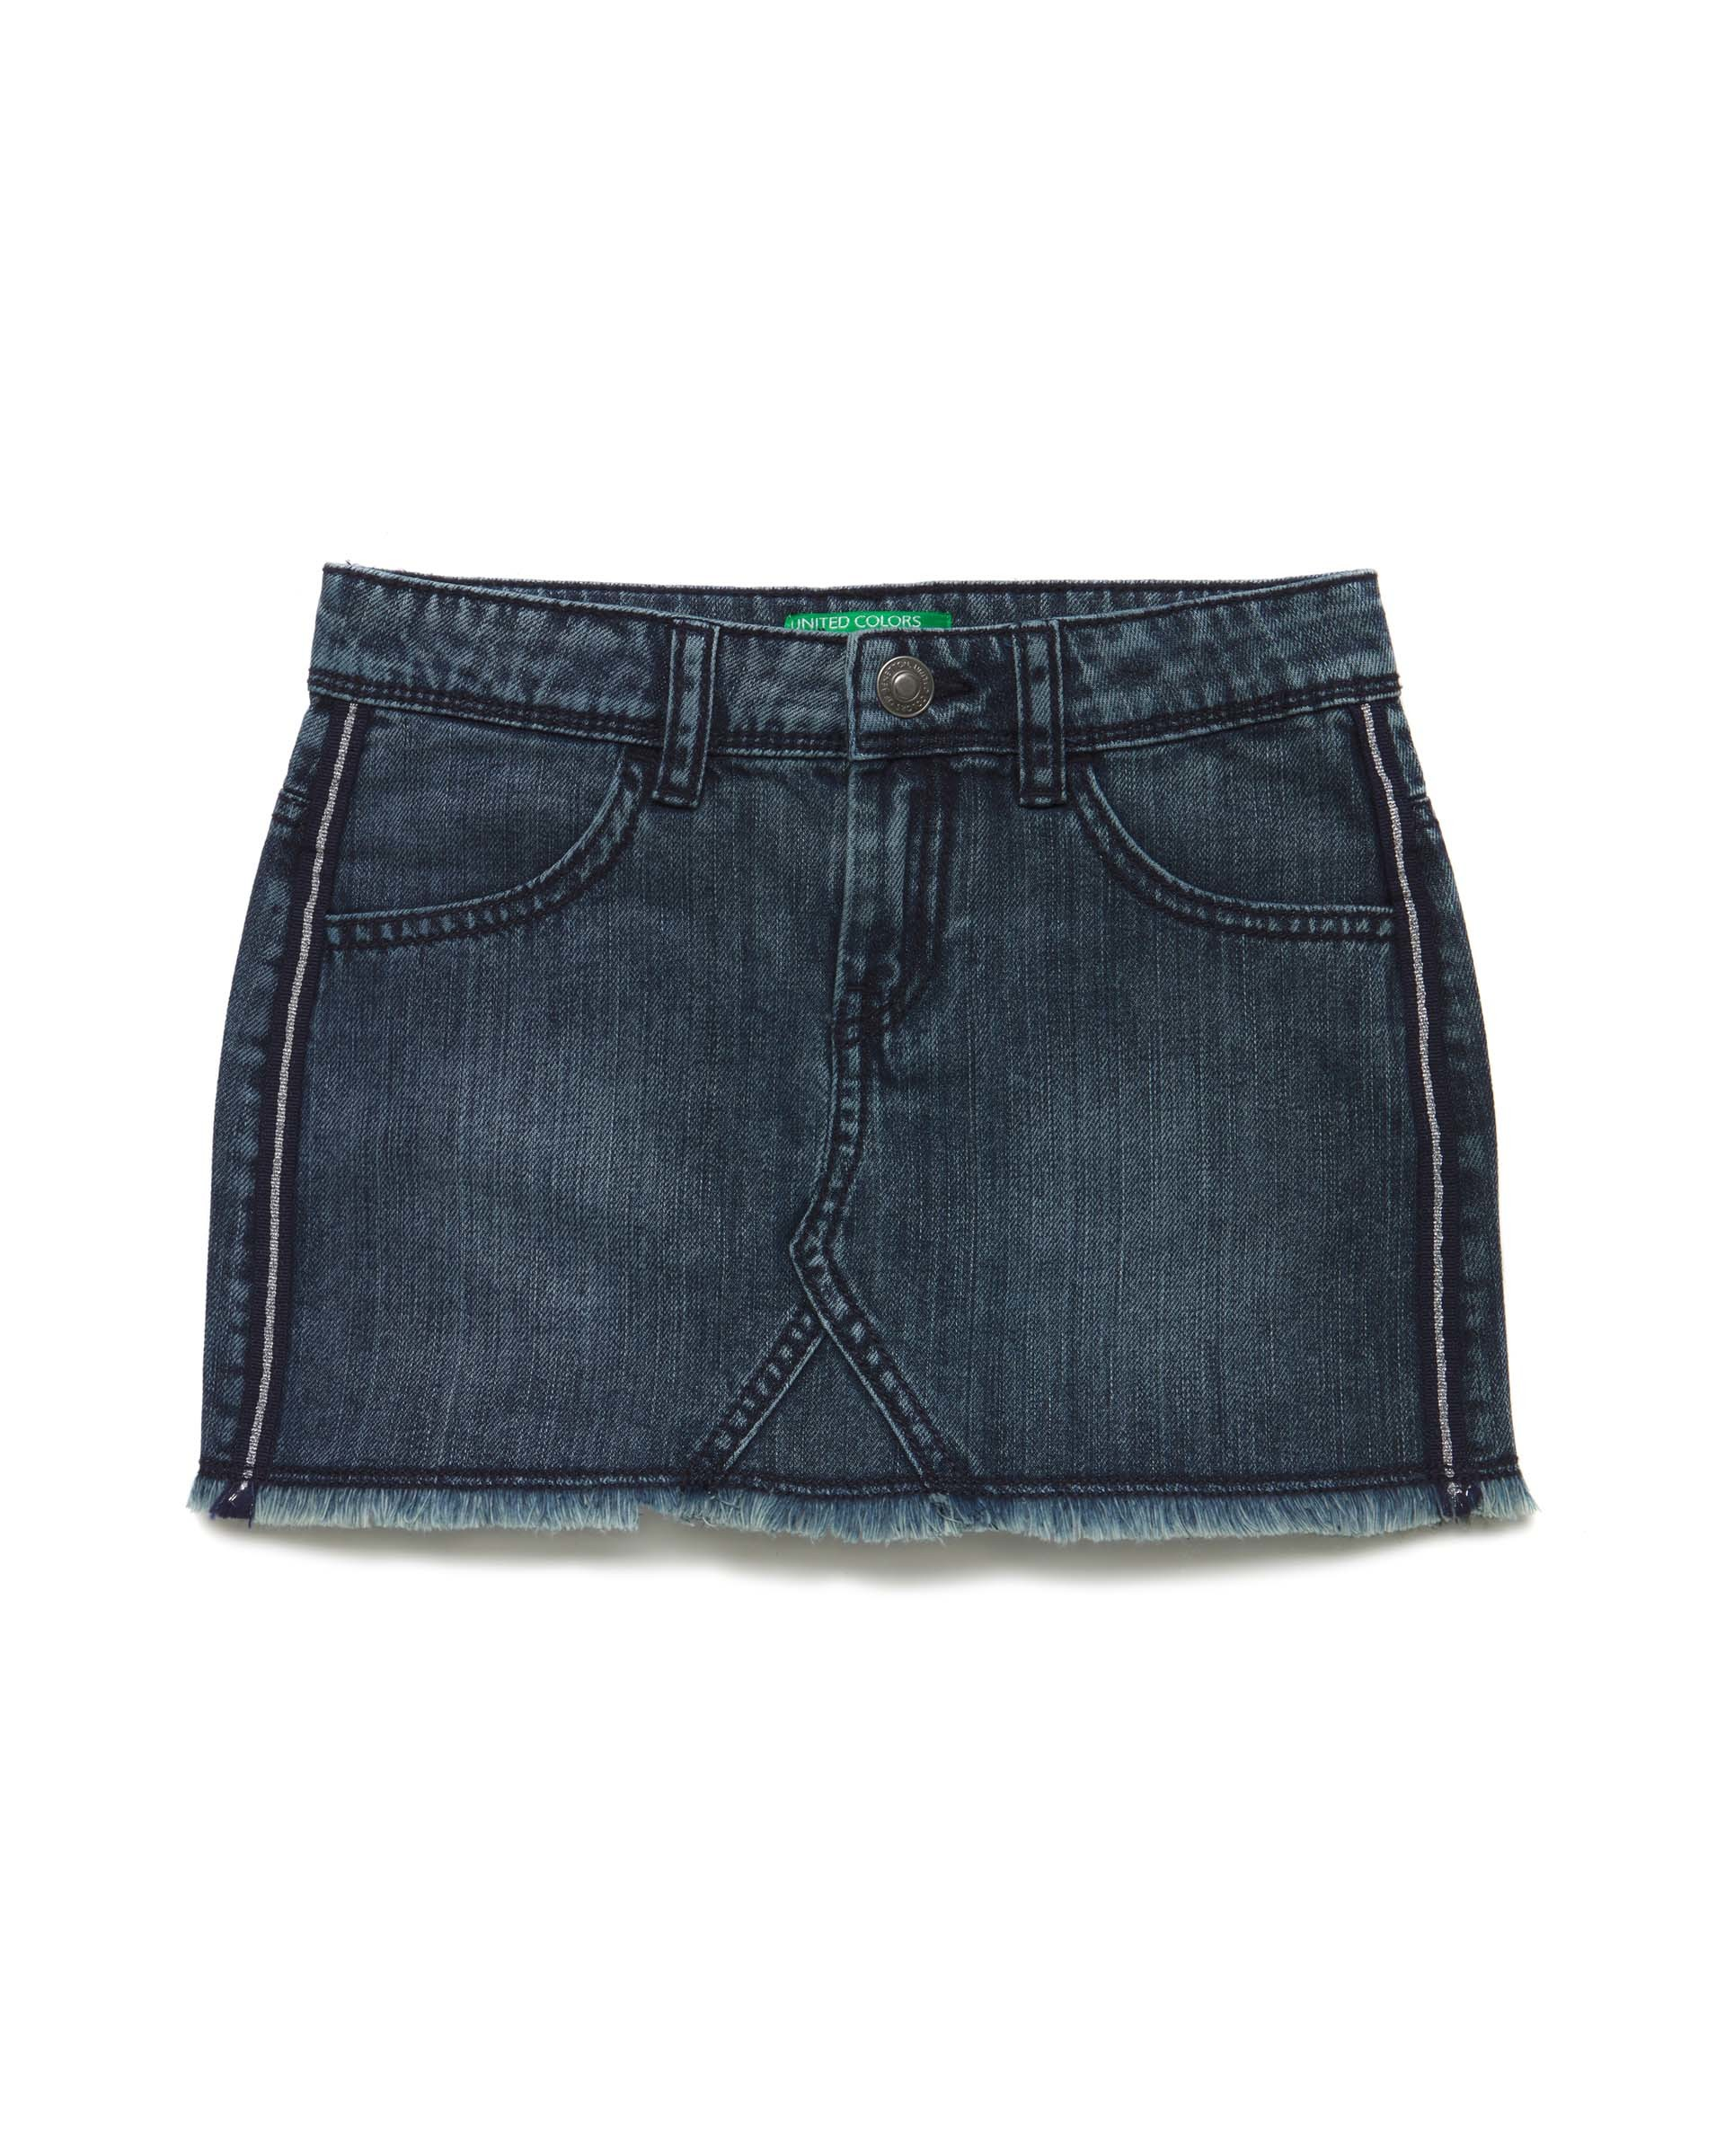 Купить 20P_4NV9508I0_901, Джинсовая юбка для девочек Benetton 4NV9508I0_901 р-р 140, United Colors of Benetton, Юбки для девочек